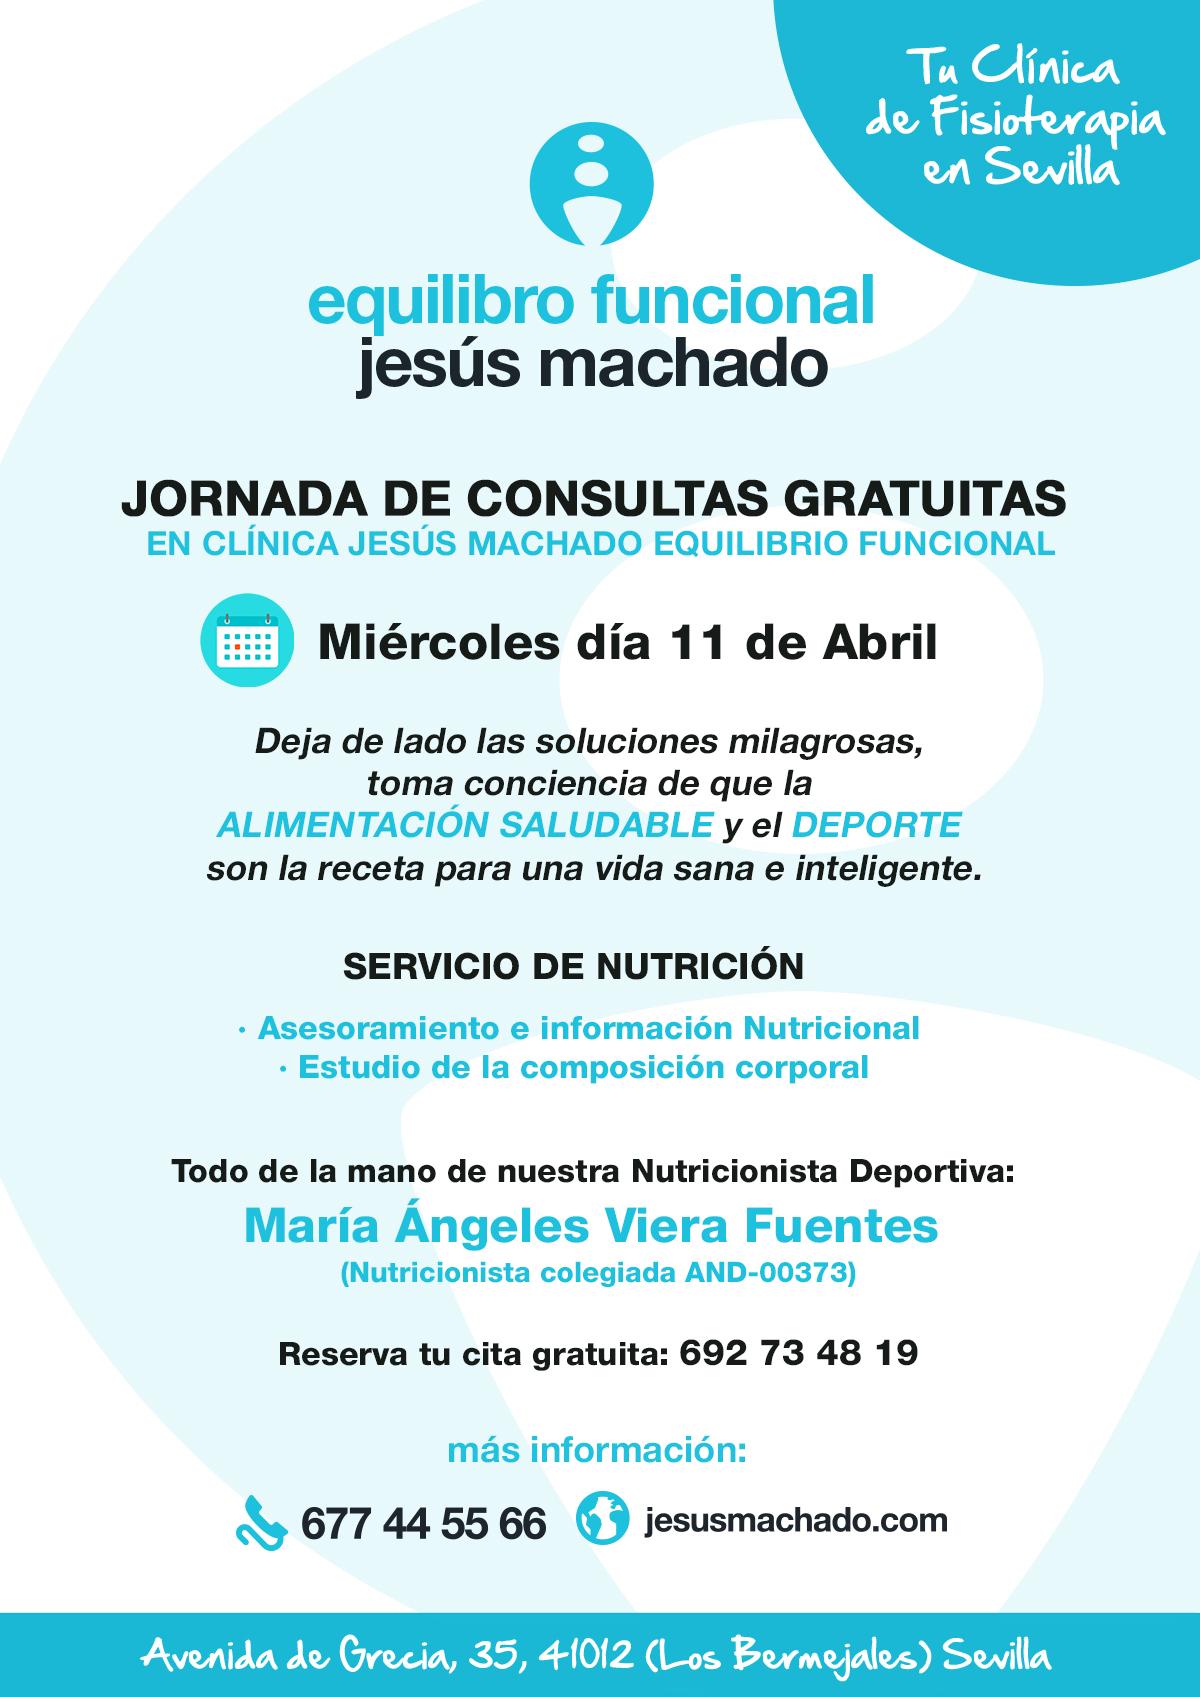 JORNADAS-NUTRICION-EQUILIBRIOFUNCIONAL-11-DE-ABRIL